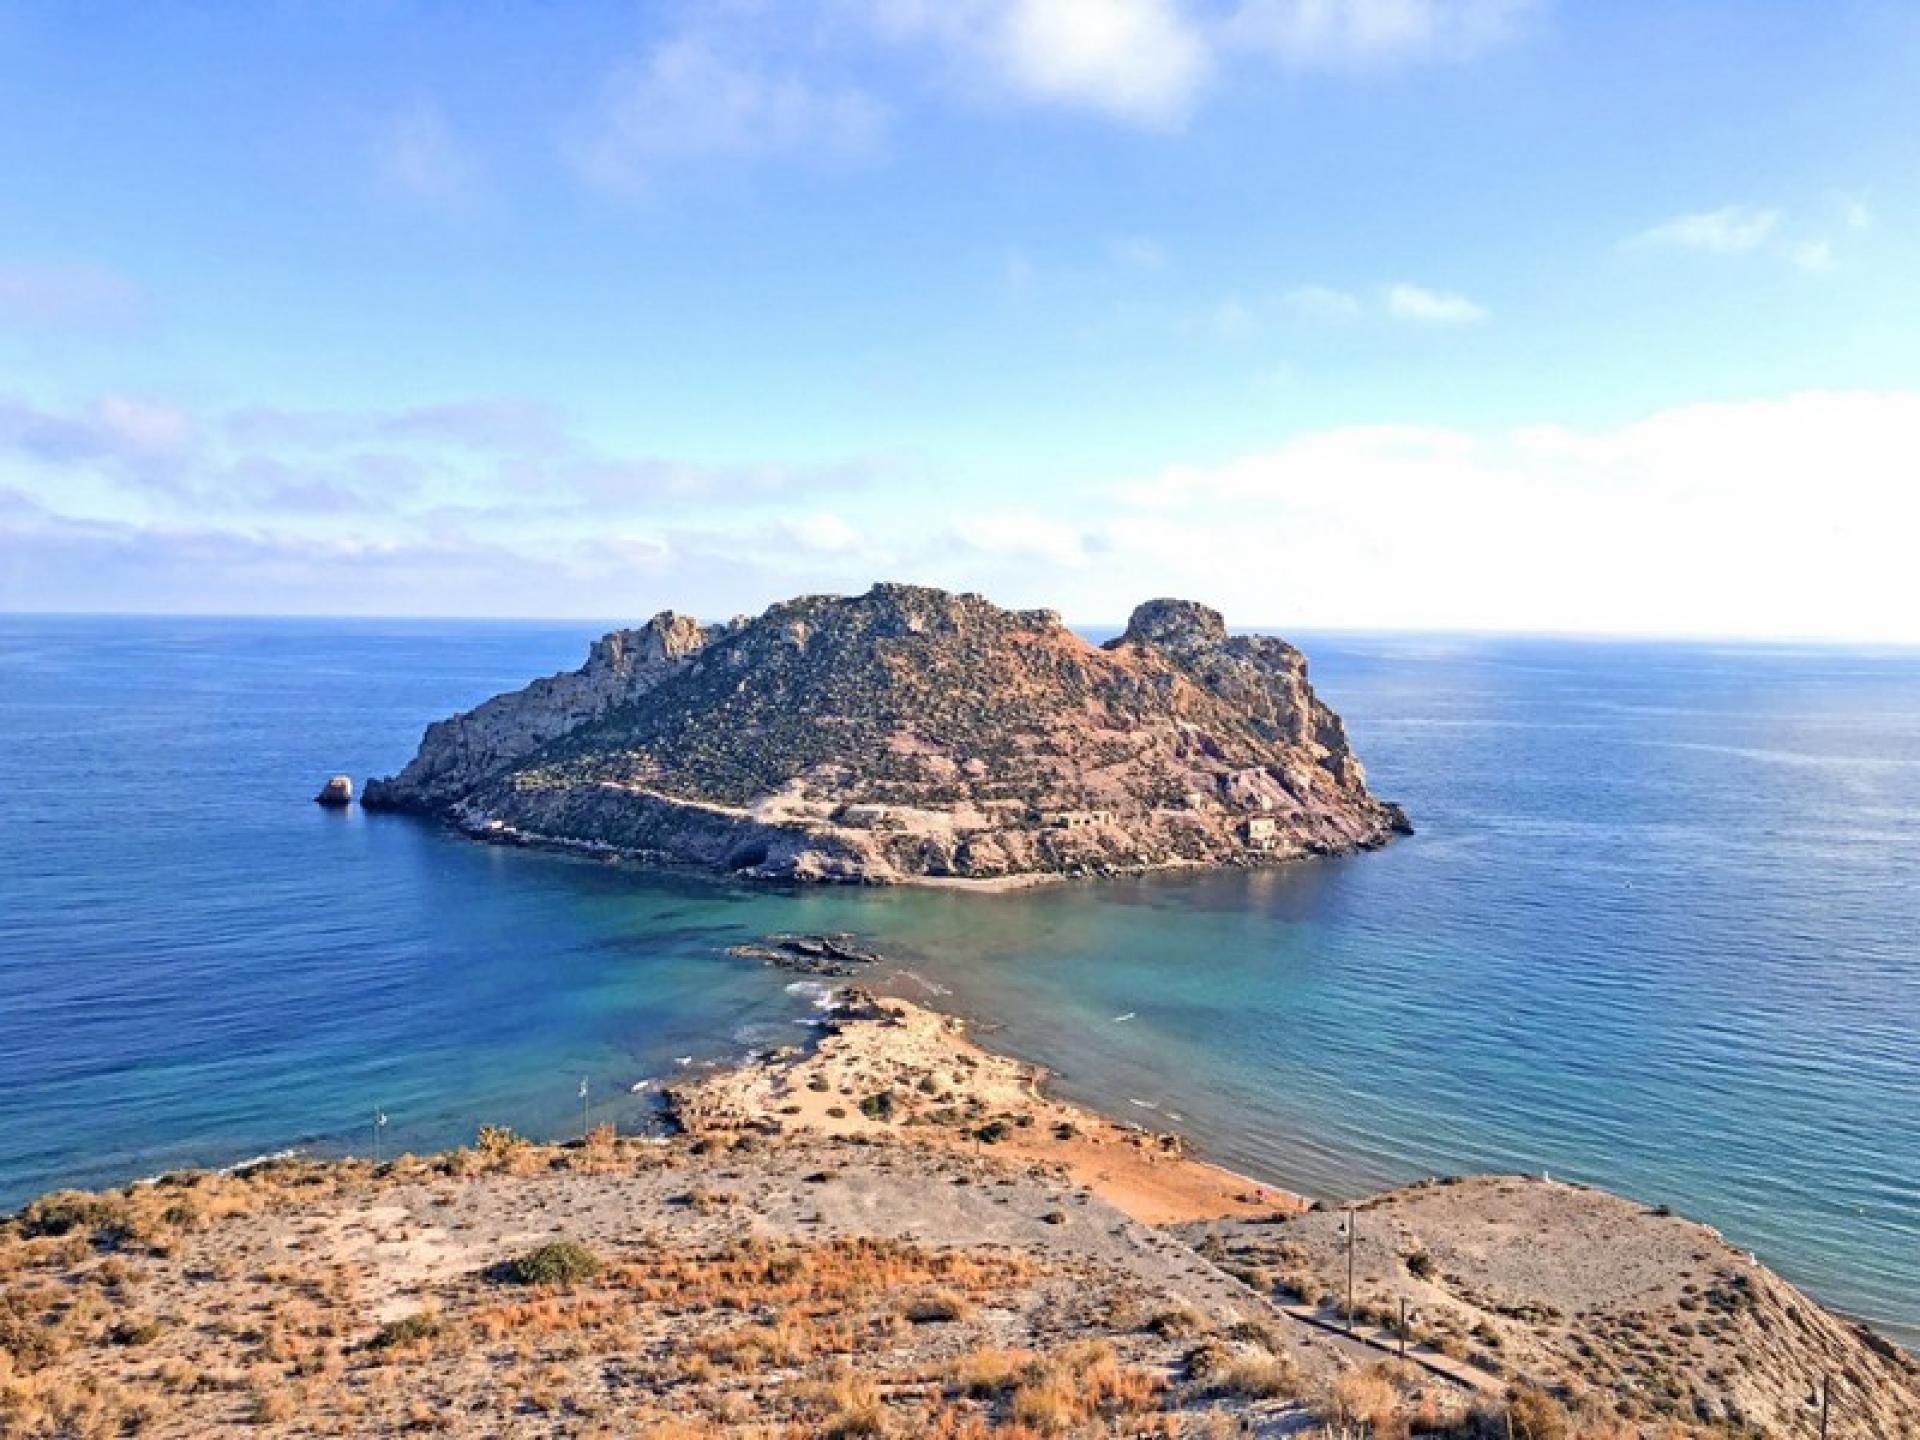 Isea Calma - Aguilas (Costa Calida)